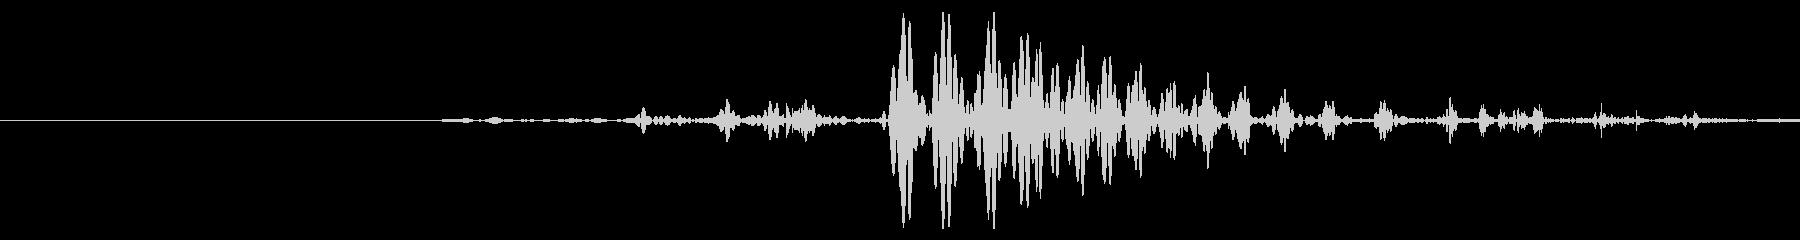 ゴクッ。人・動物が飲み込むときの喉の音の未再生の波形